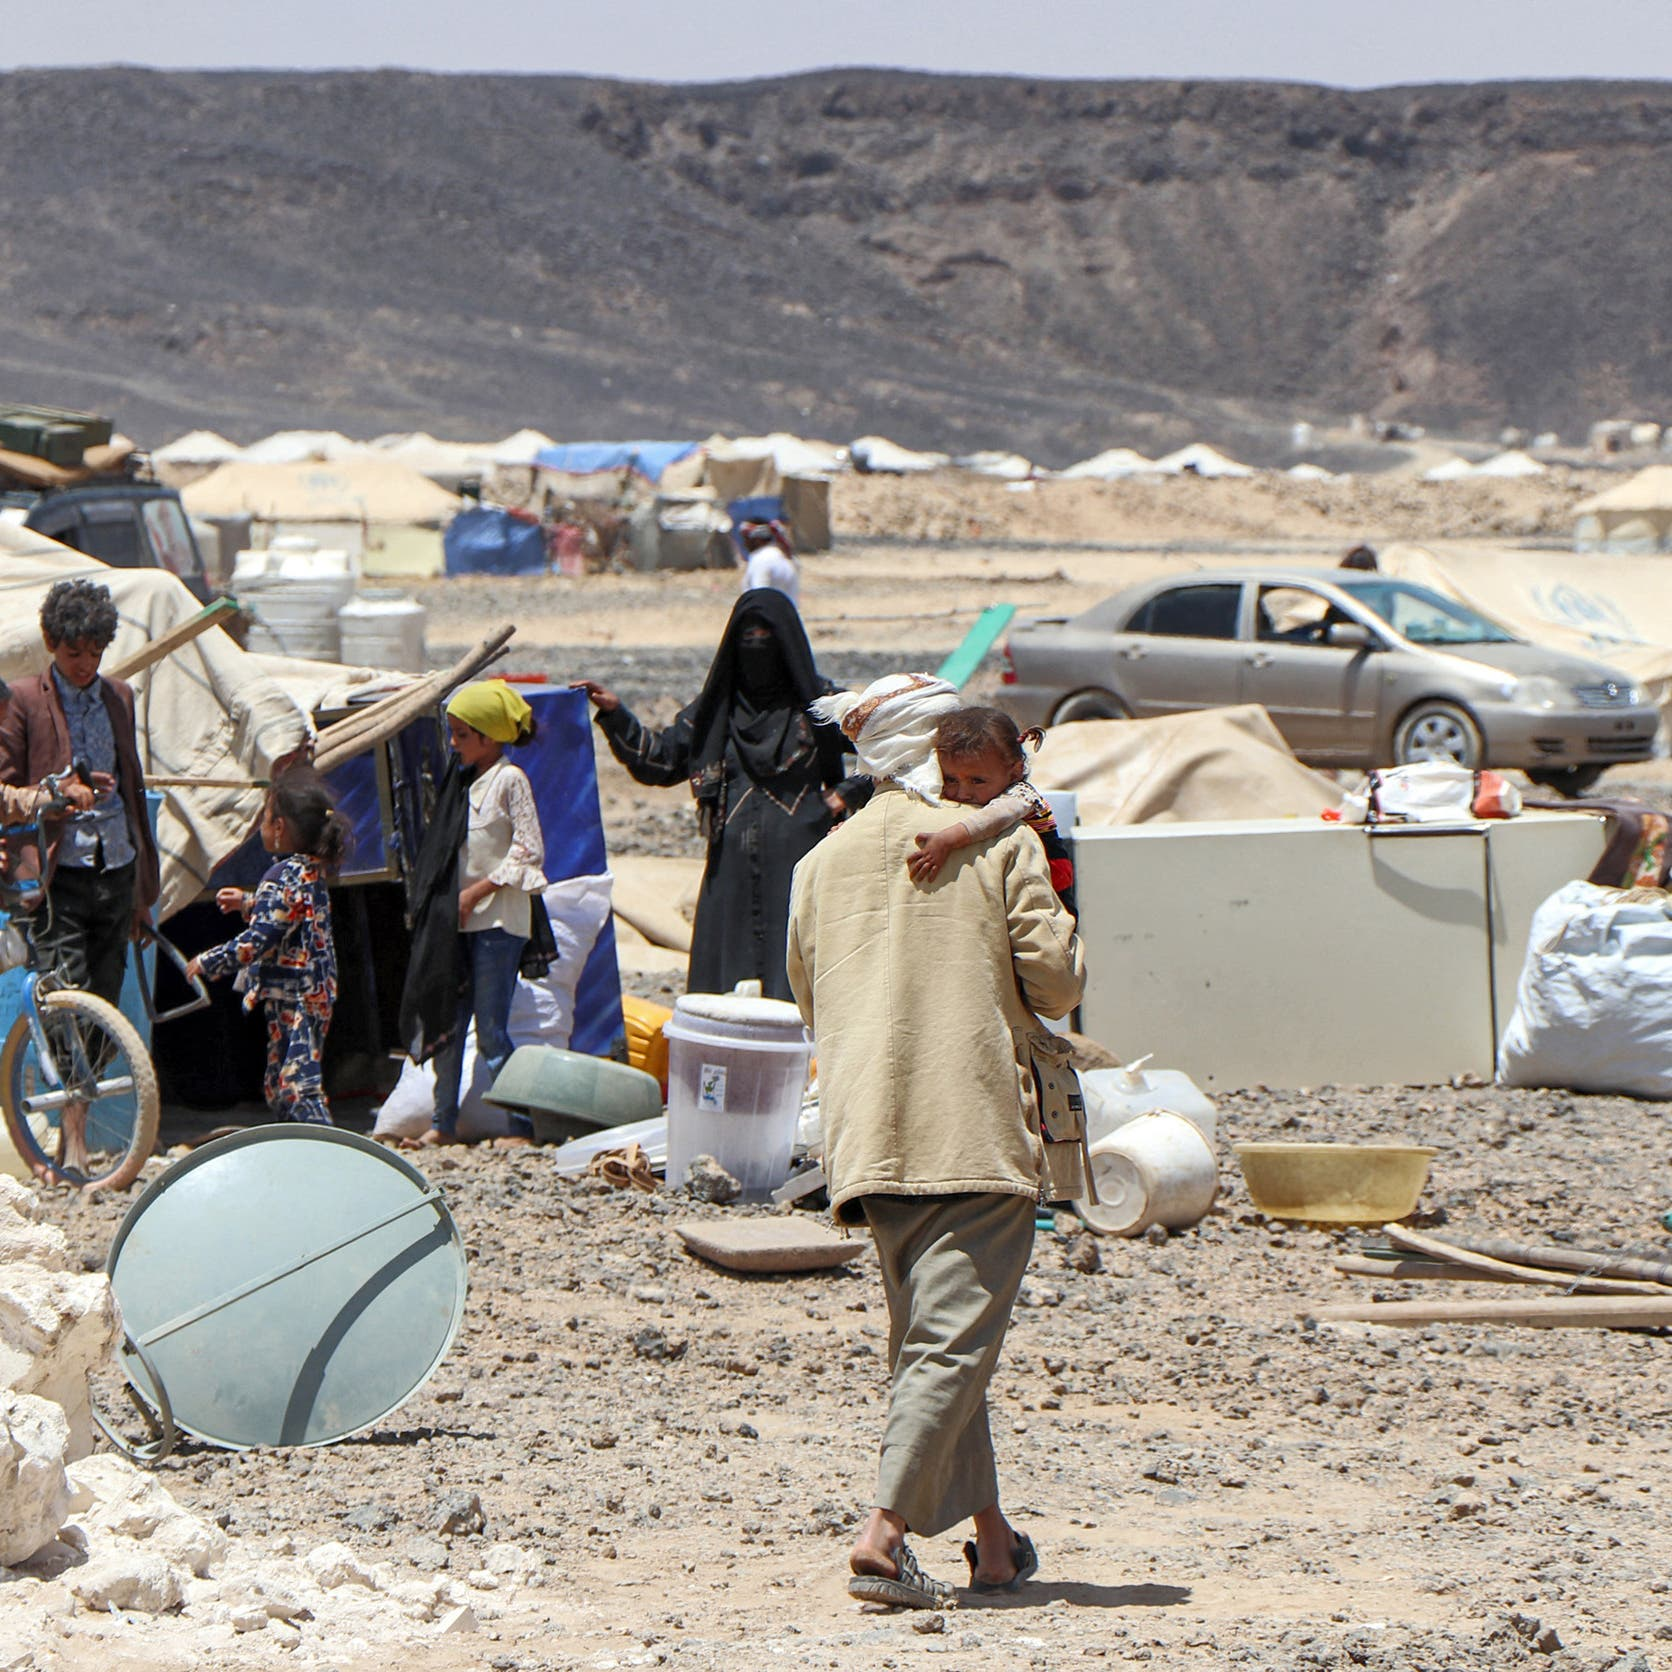 تحذير أممي: النزوح مجدداً يهدد 400 ألف نازح في مأرب